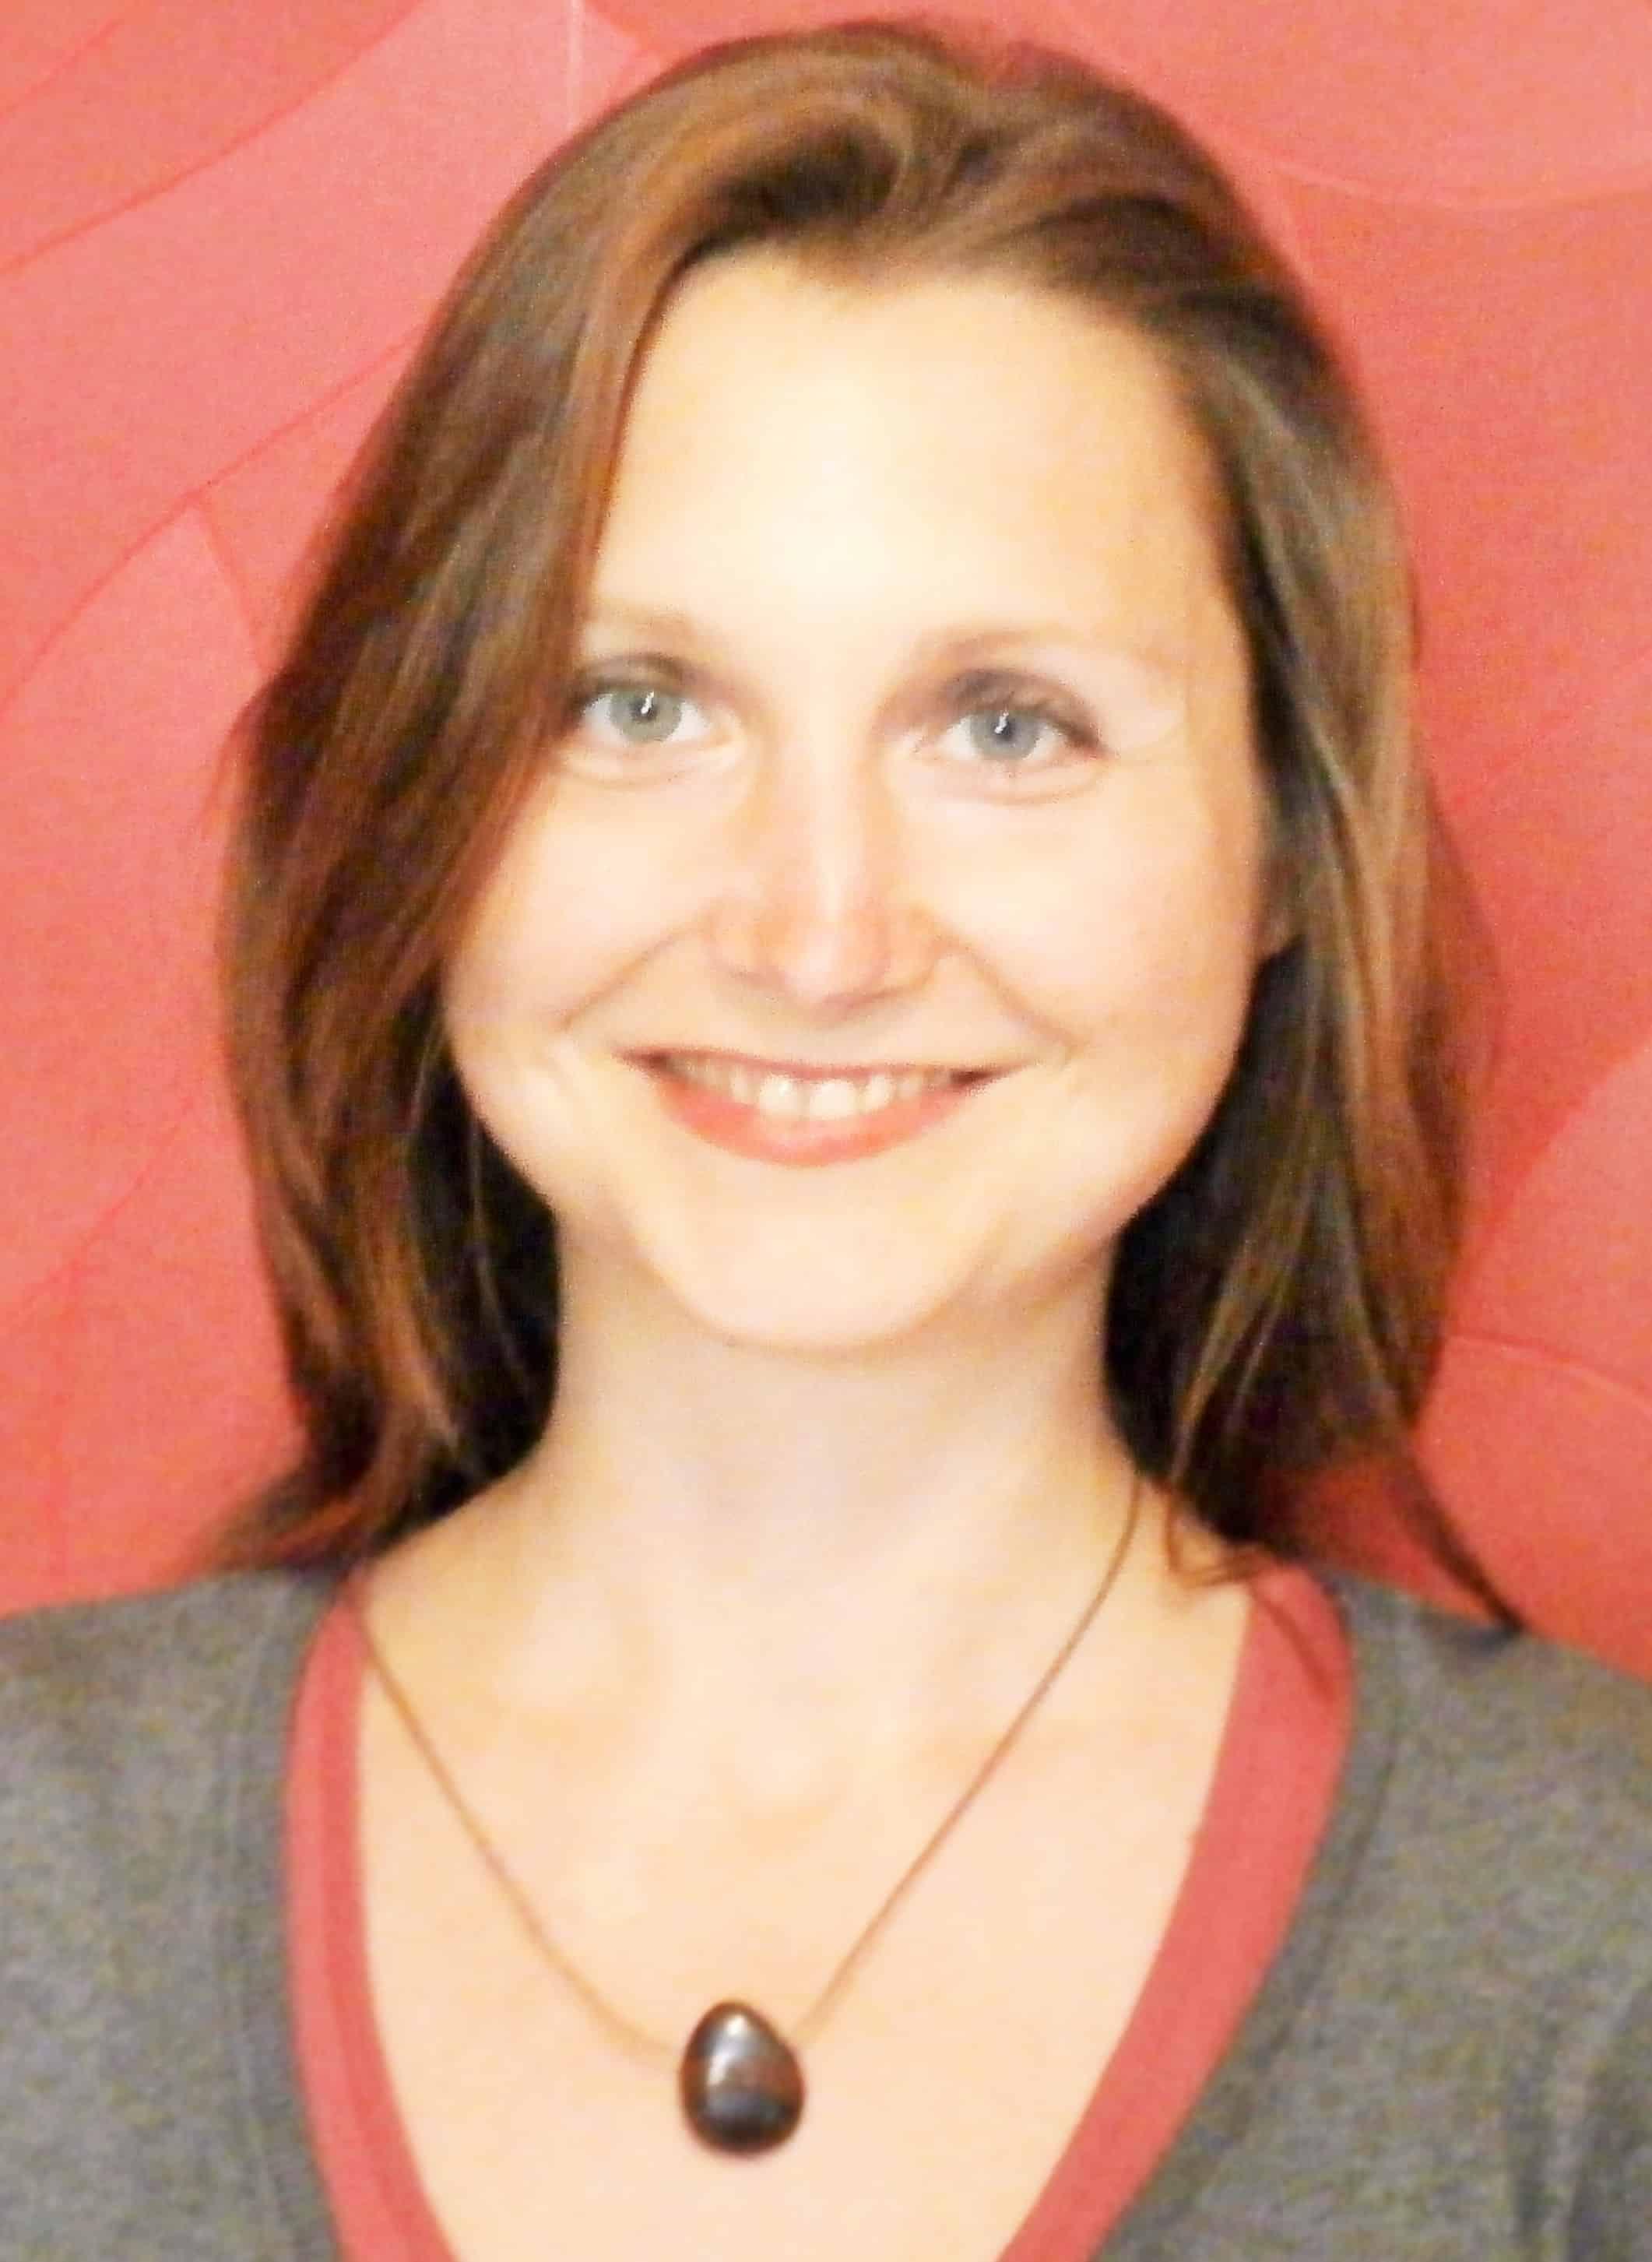 Isabelle Calmette